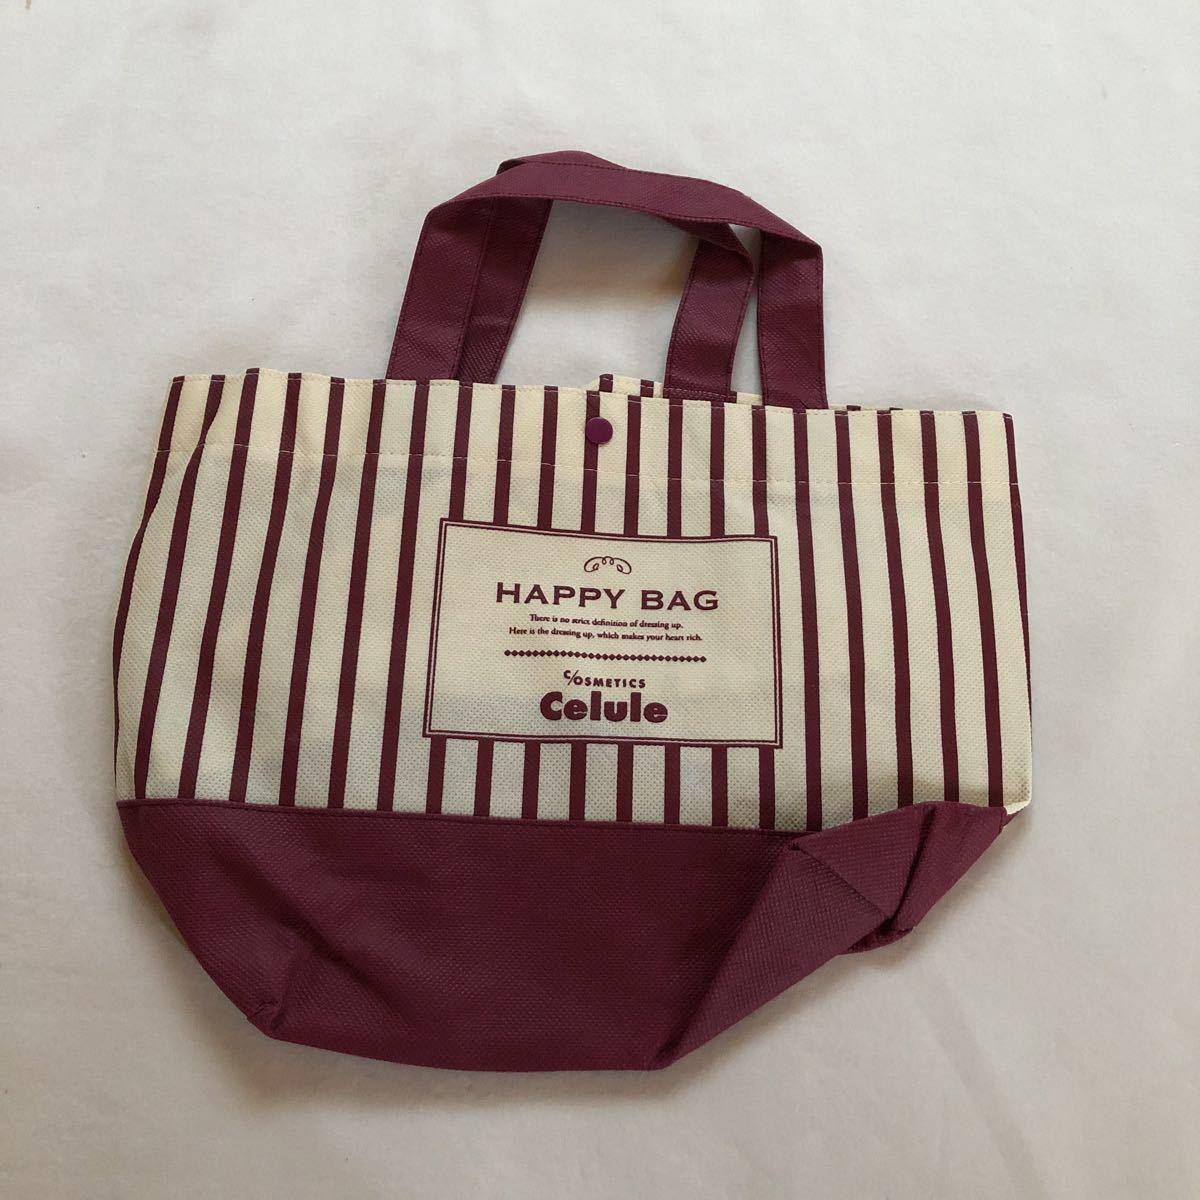 セルレ Celule 鞄 かばん カバン トートバック 新品 未使用 福袋 ハッピーバッグ 不織布 ノベルティグッズ お弁当袋 ランチバッグ _画像2